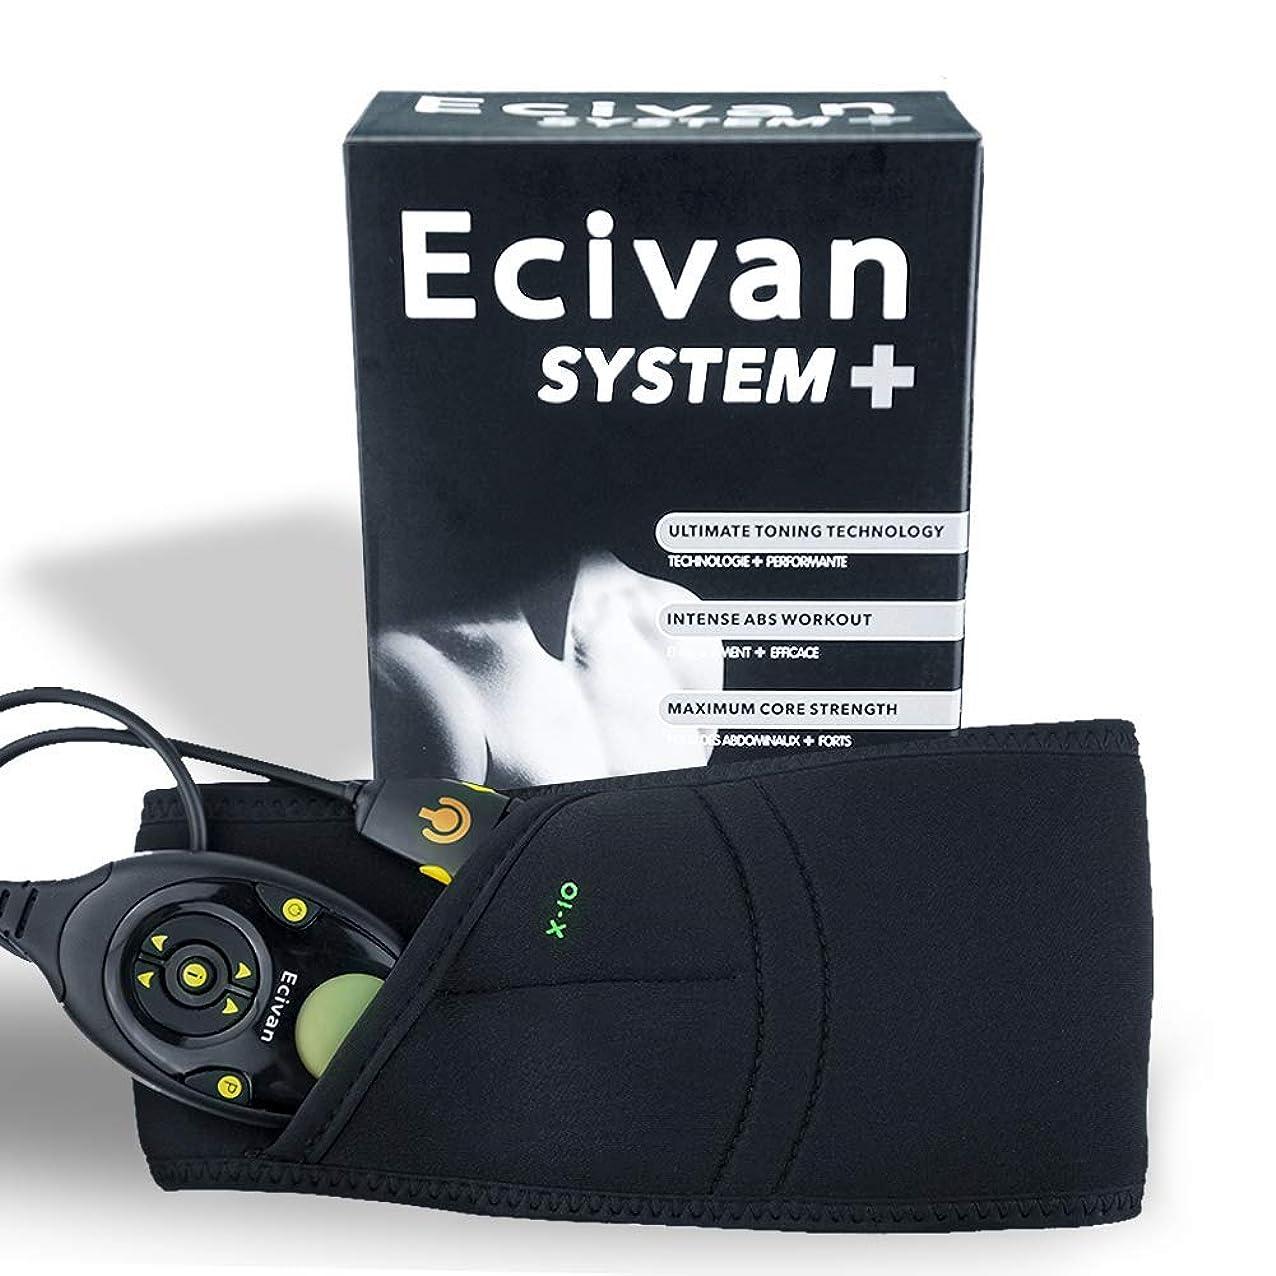 集計千上流のEcivan EMS 腹筋ベルトボディフィットスリム トレーニング 電気振動マッサージ 痩身マシン 電動器具腹巻き USB充電 150階段